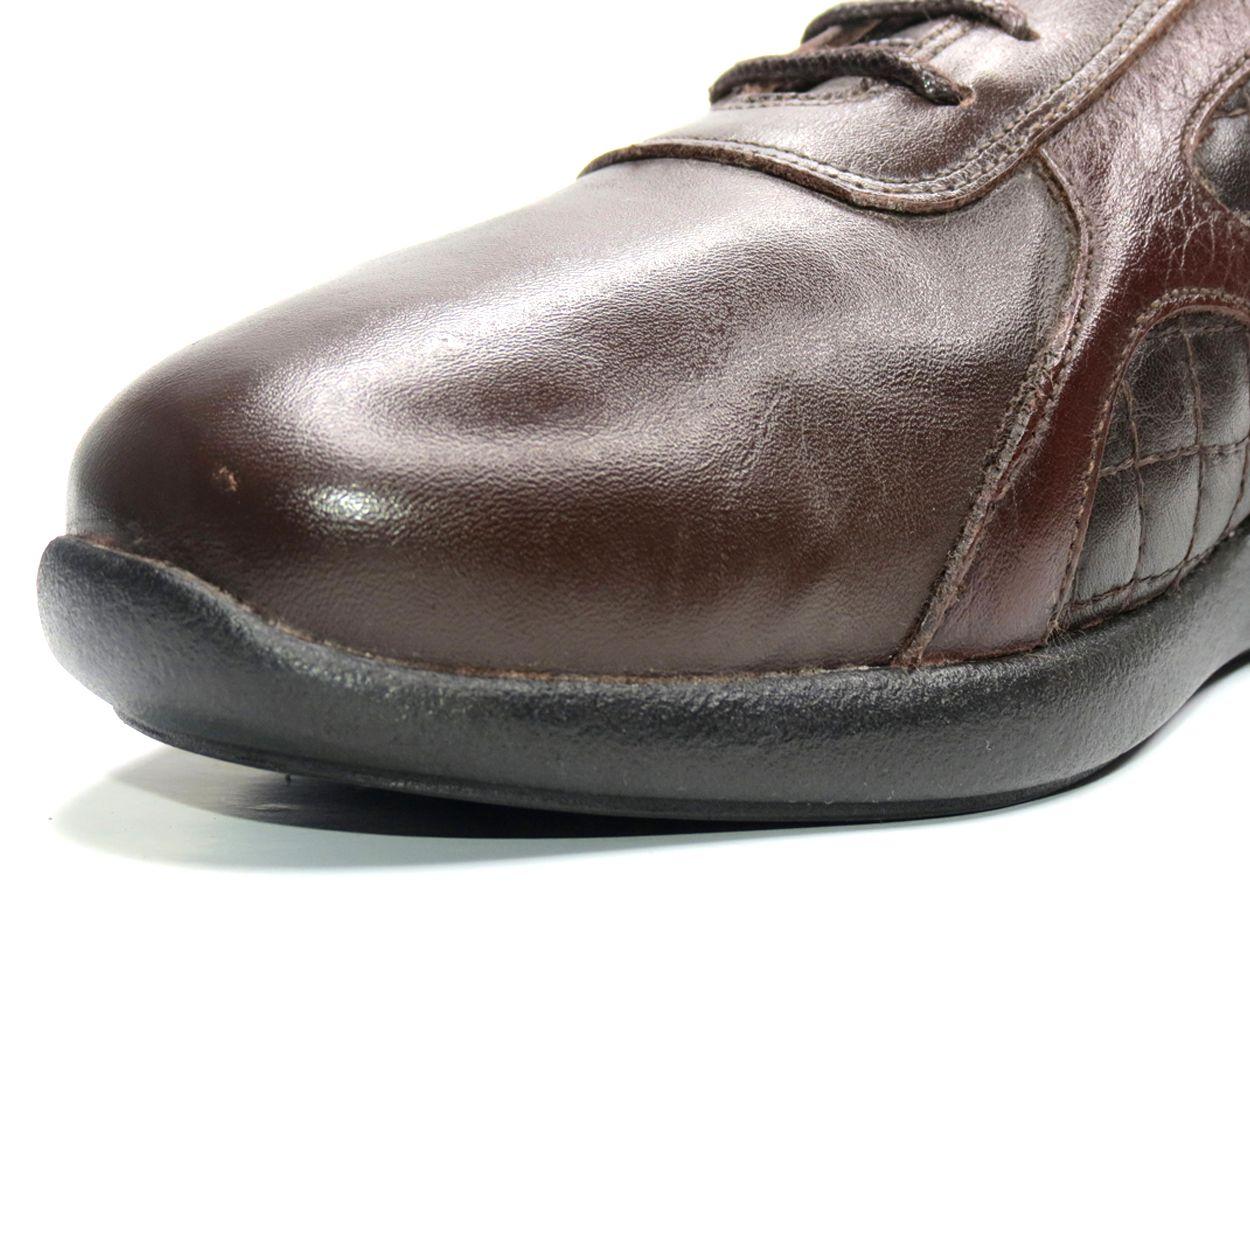 کفش روزمره زنانه آر اند دبلیو مدل 761 رنگ قهوه ای -  - 8